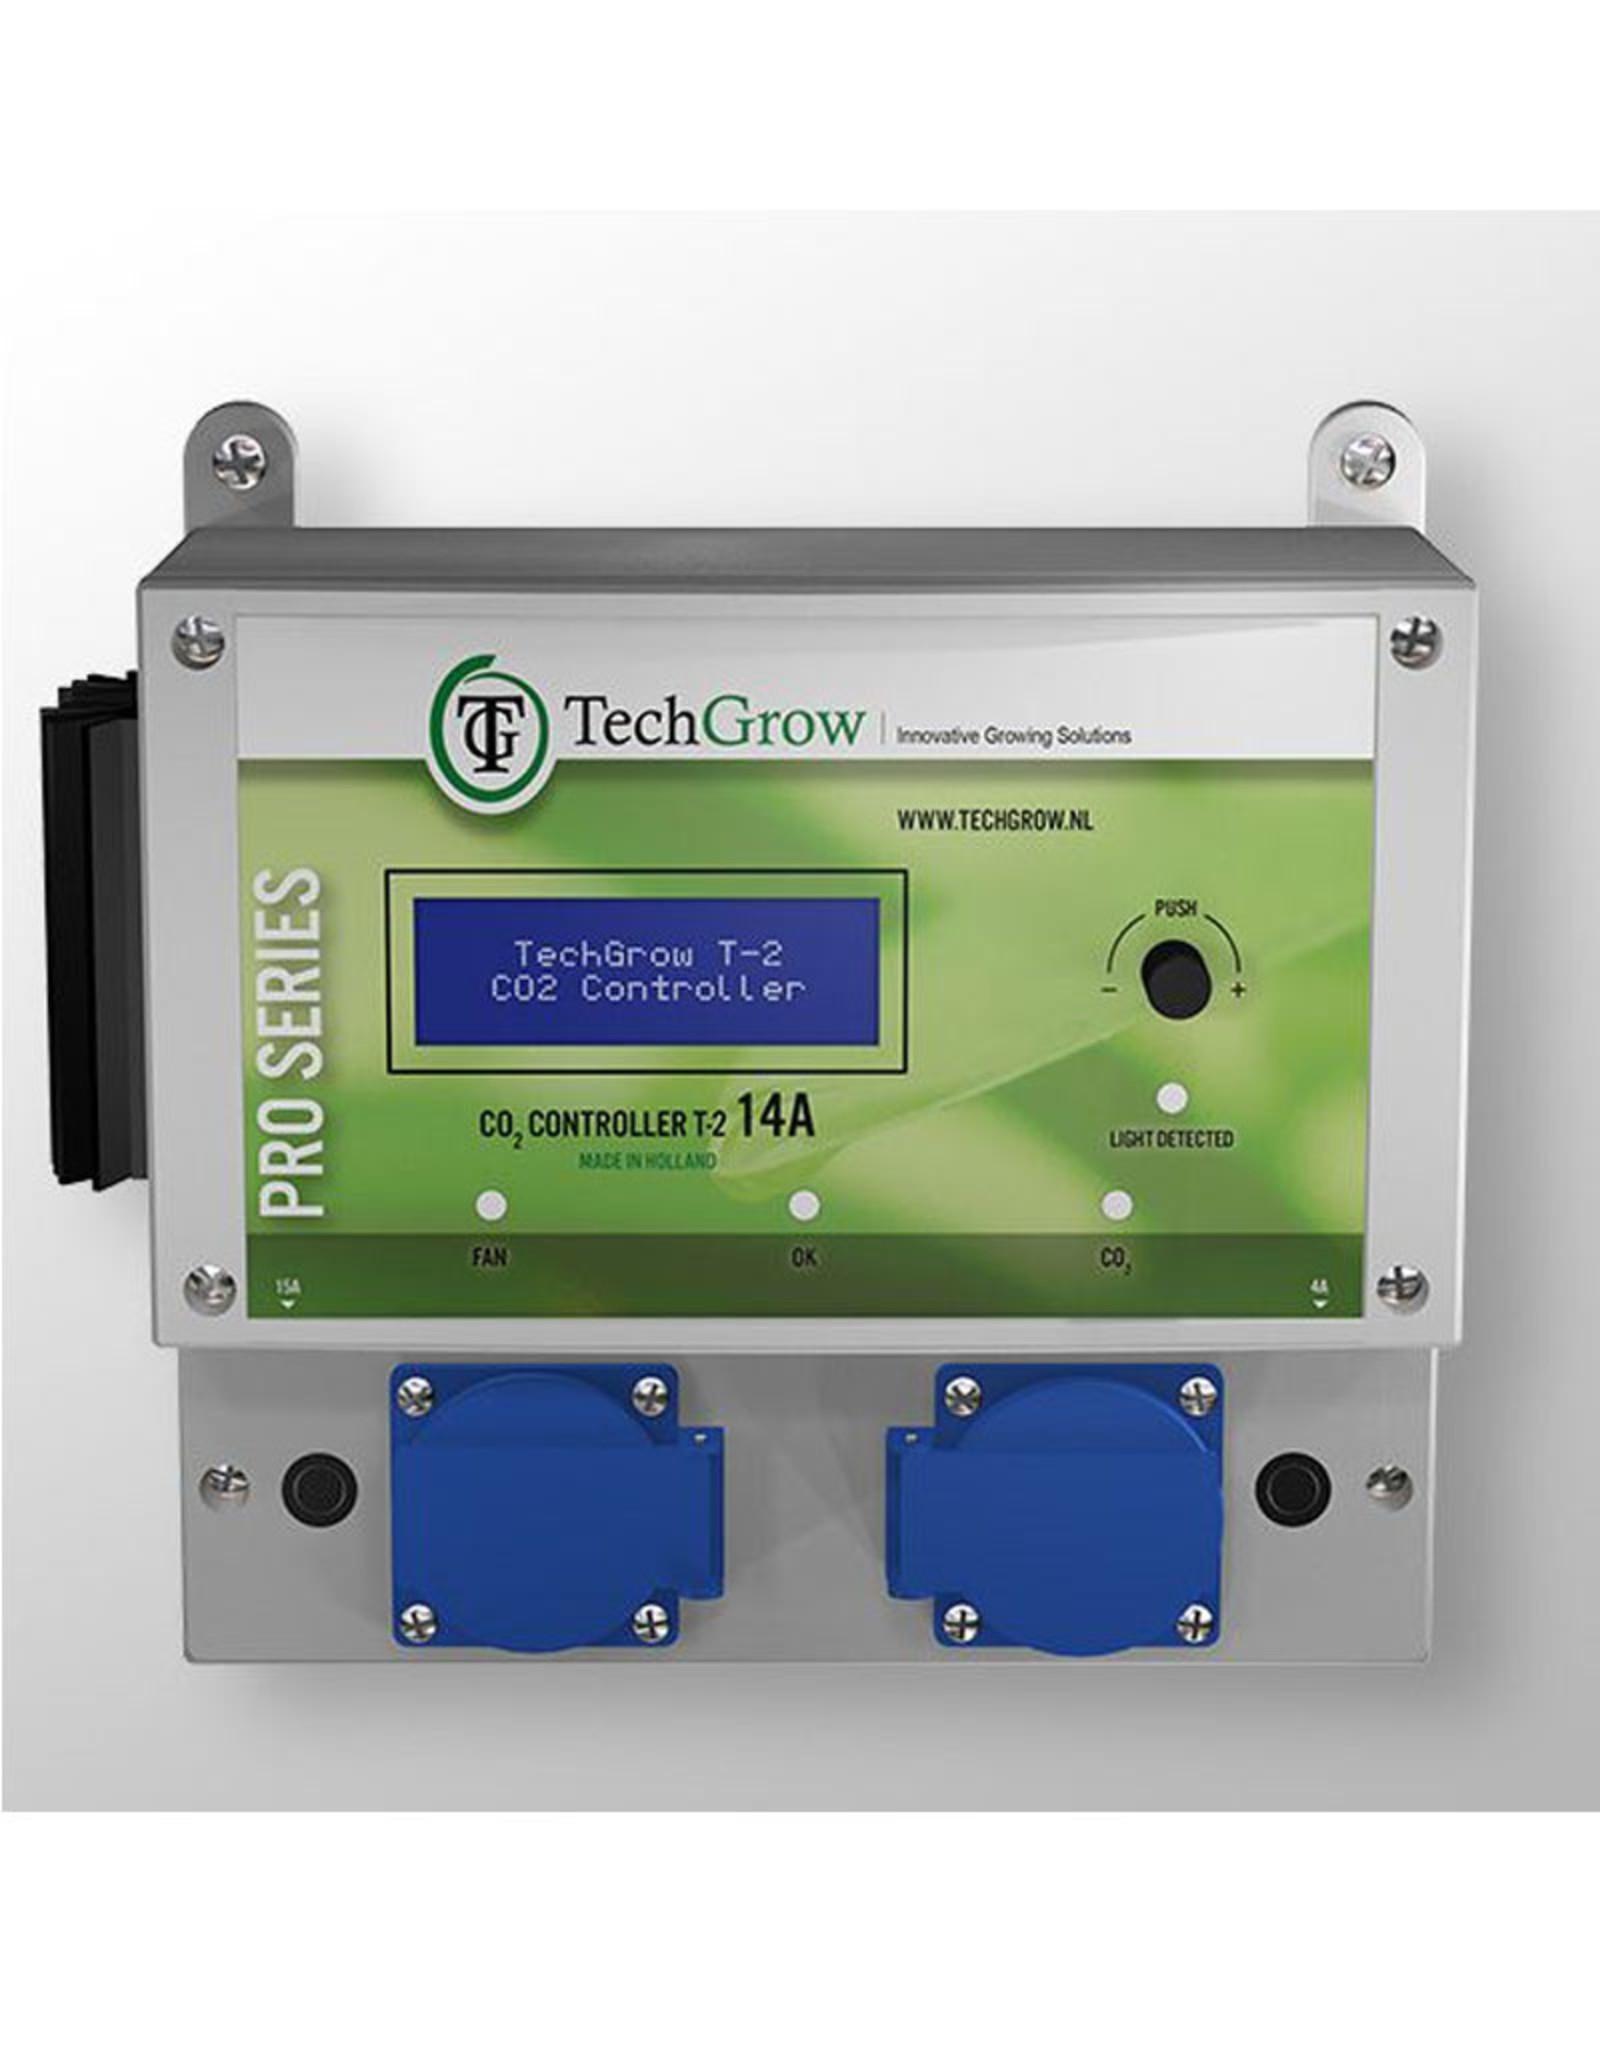 TechGrow TECHGROW T2 PRO CO2 CONTROLLER EXCL SENSOR 4,5A - 7A - 14A